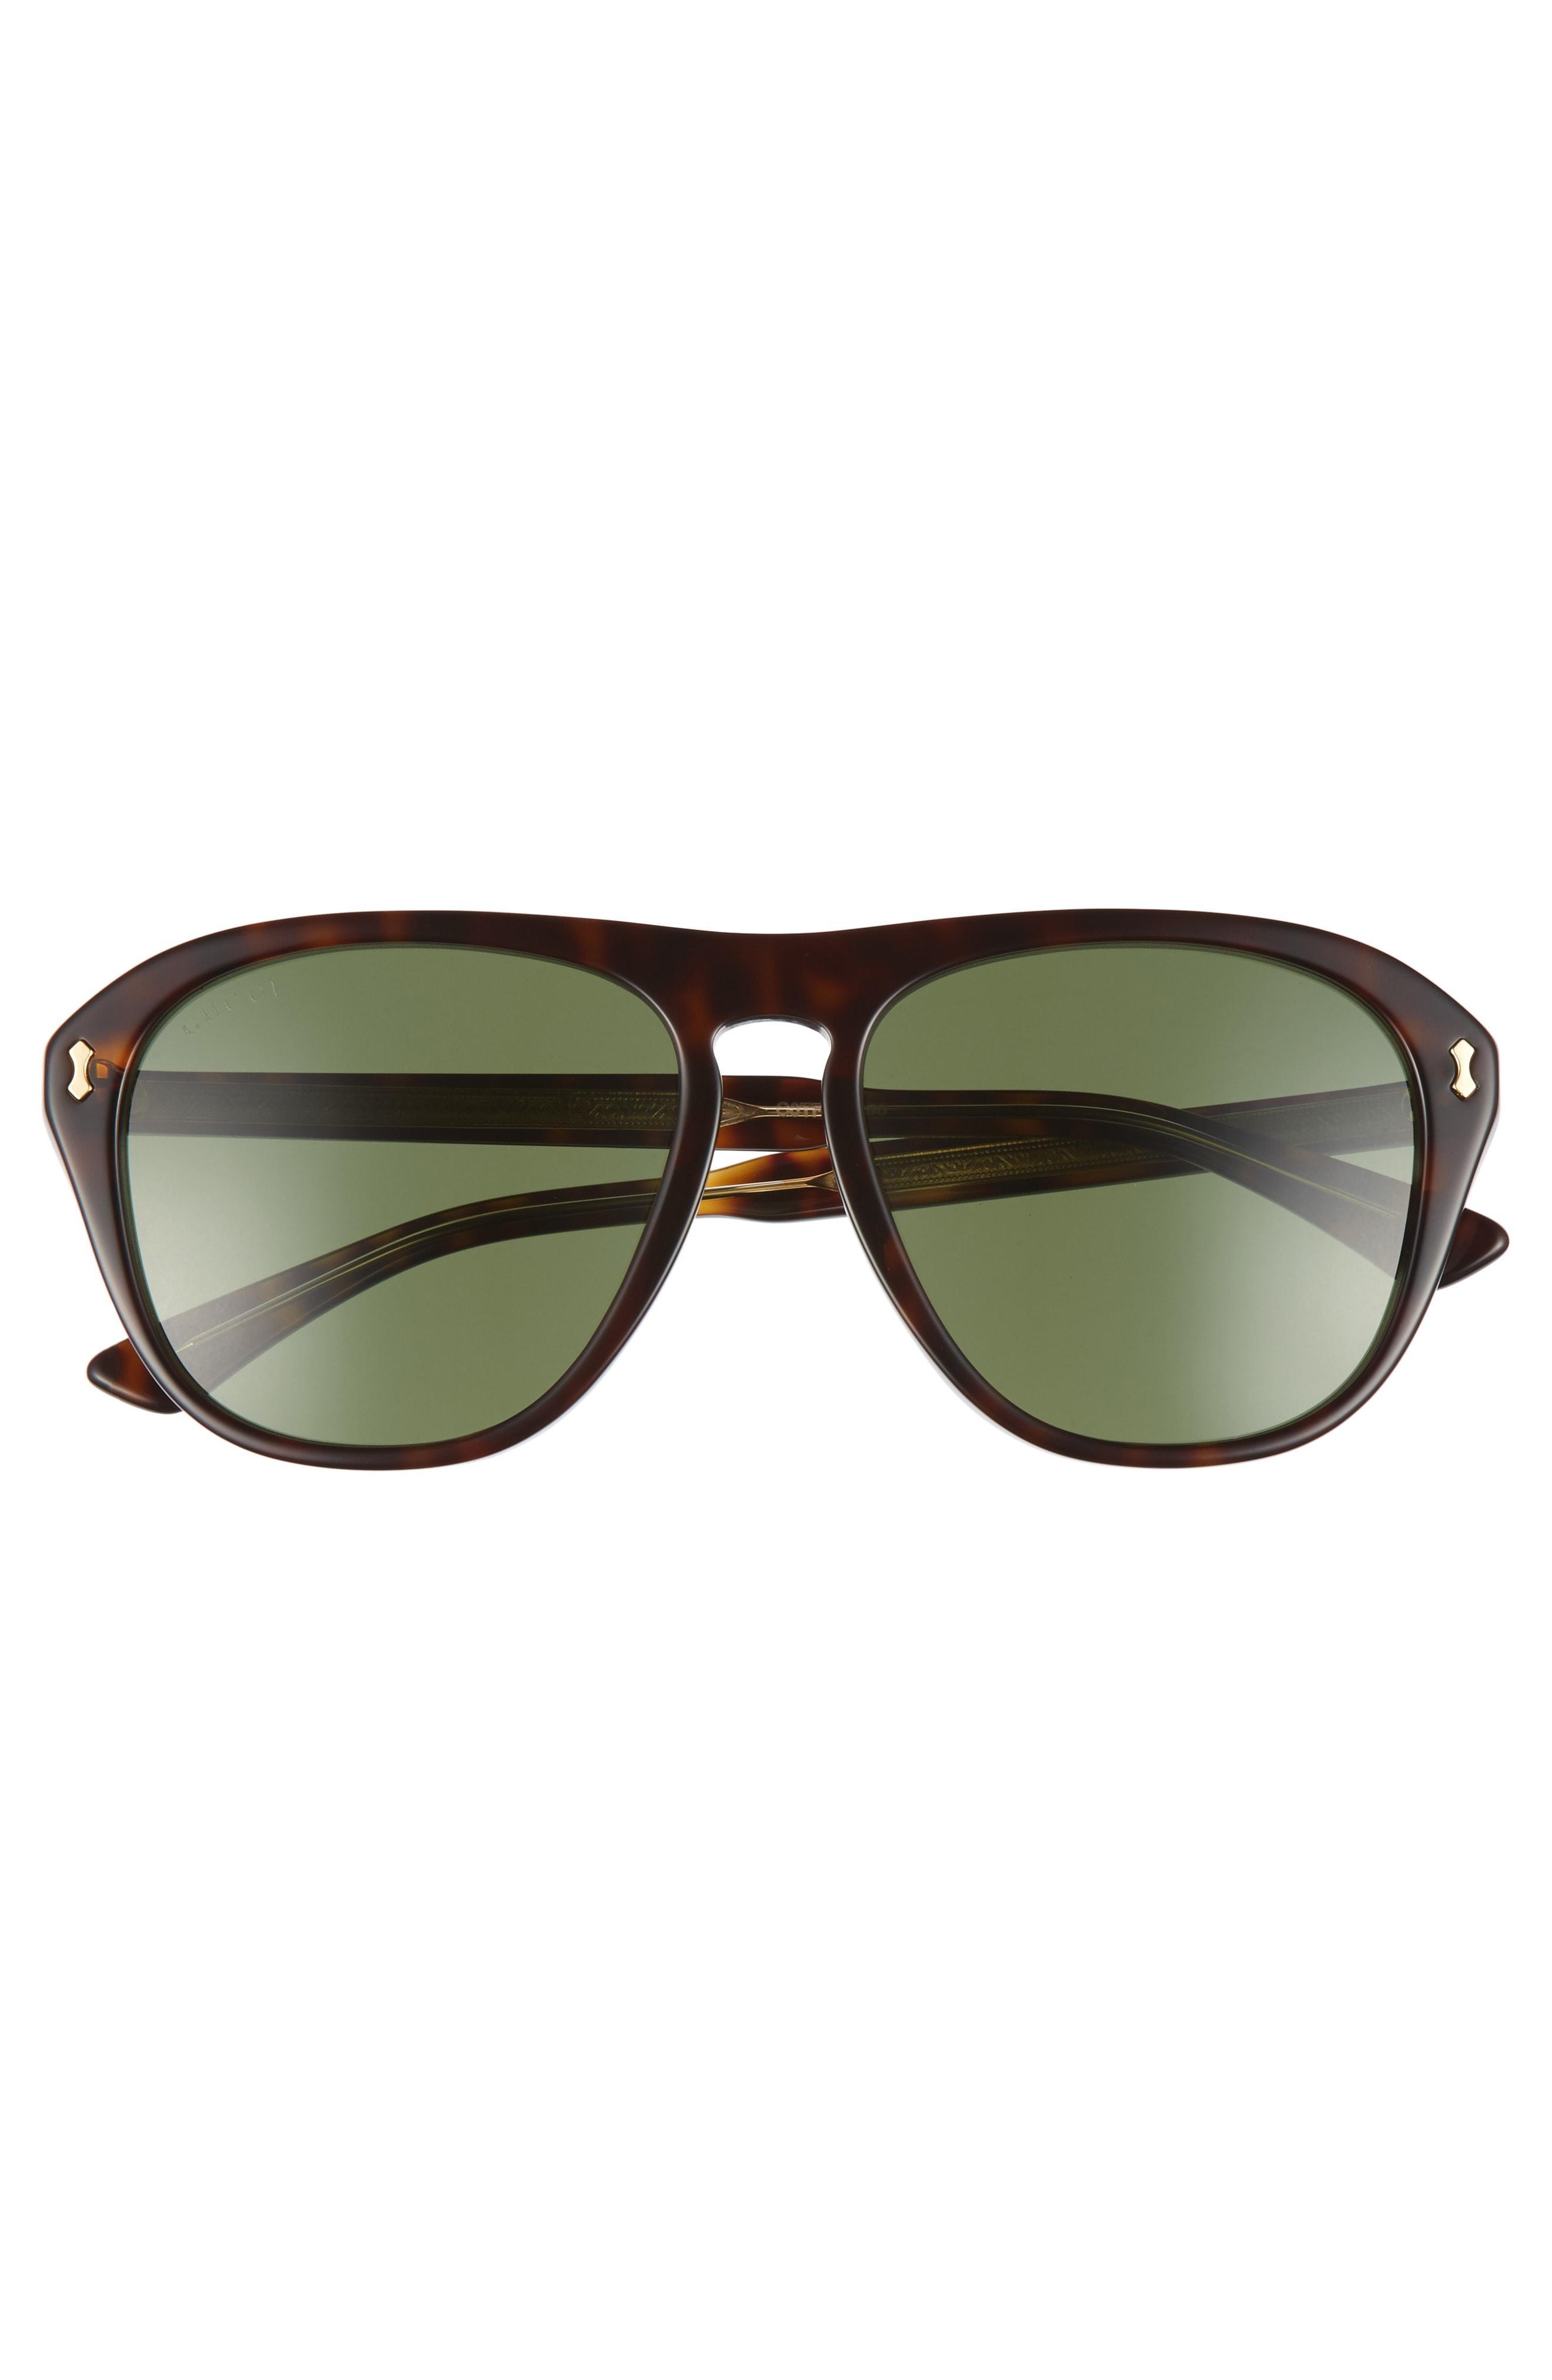 83feb1cbdd Gucci Men s Acetate Aviator Optical Frames W  Sunglasses